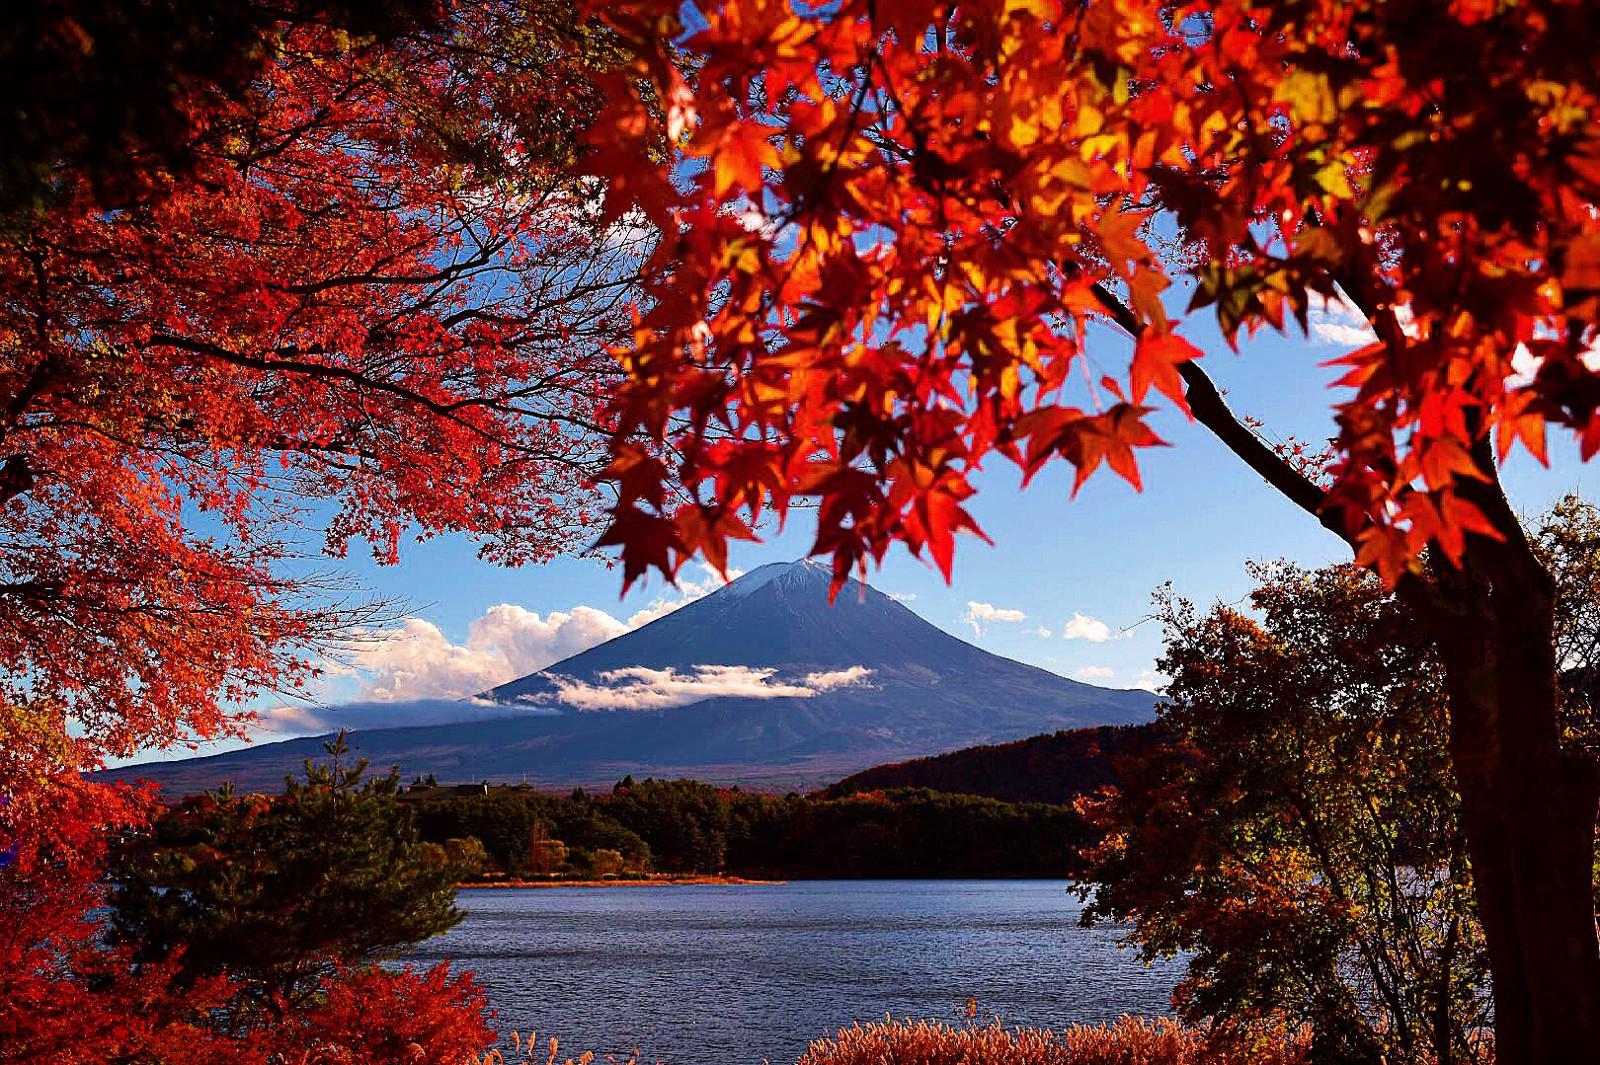 Image from Japan Web Magazine